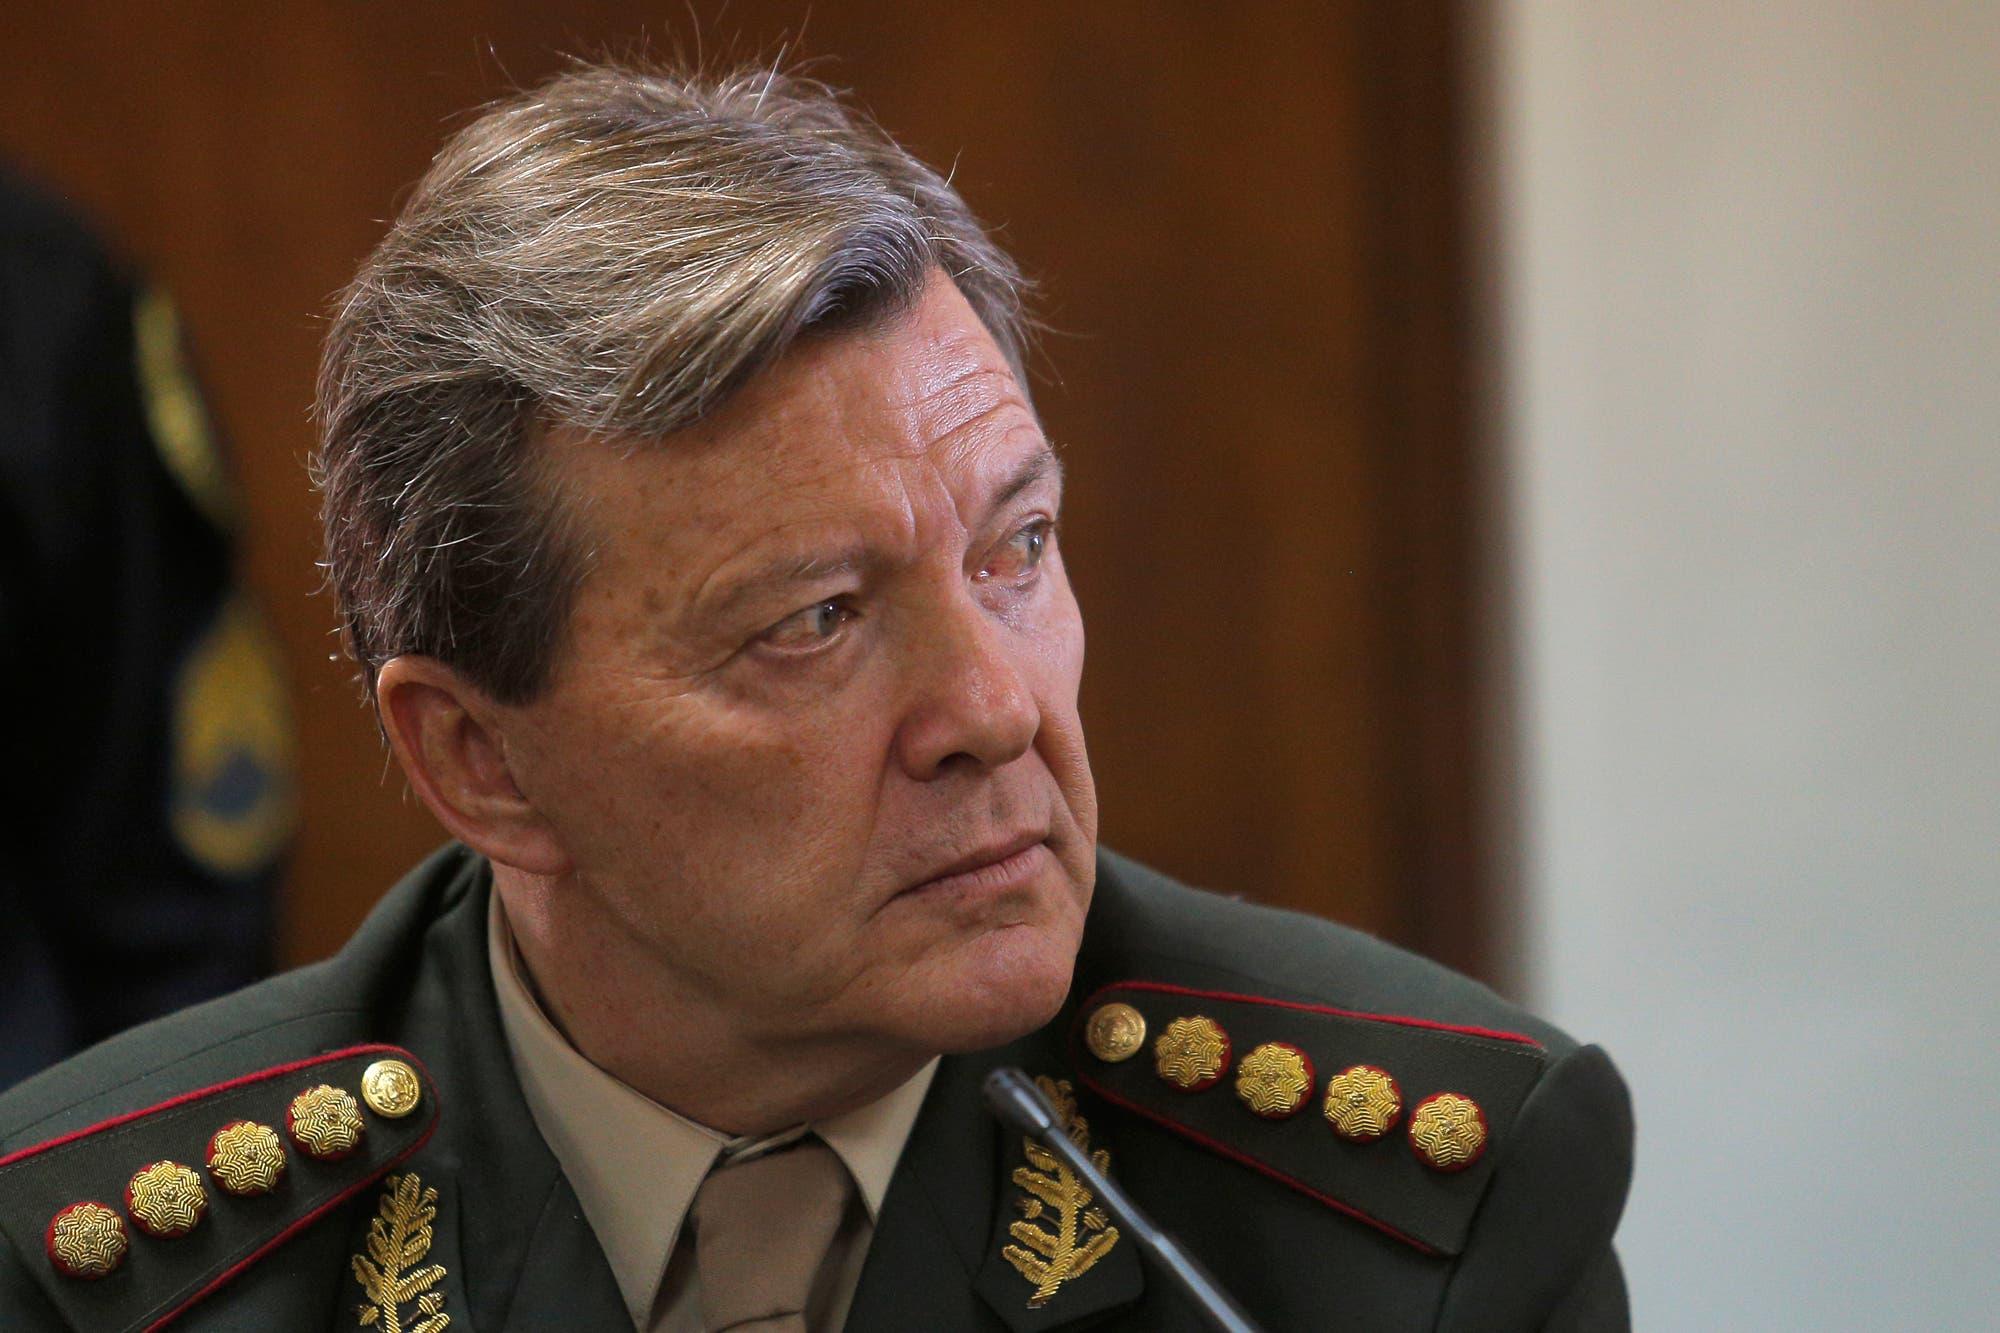 Postergan un mes el juicio contra Milani en Tucumán y no habrá sentencia hasta después de las elecciones